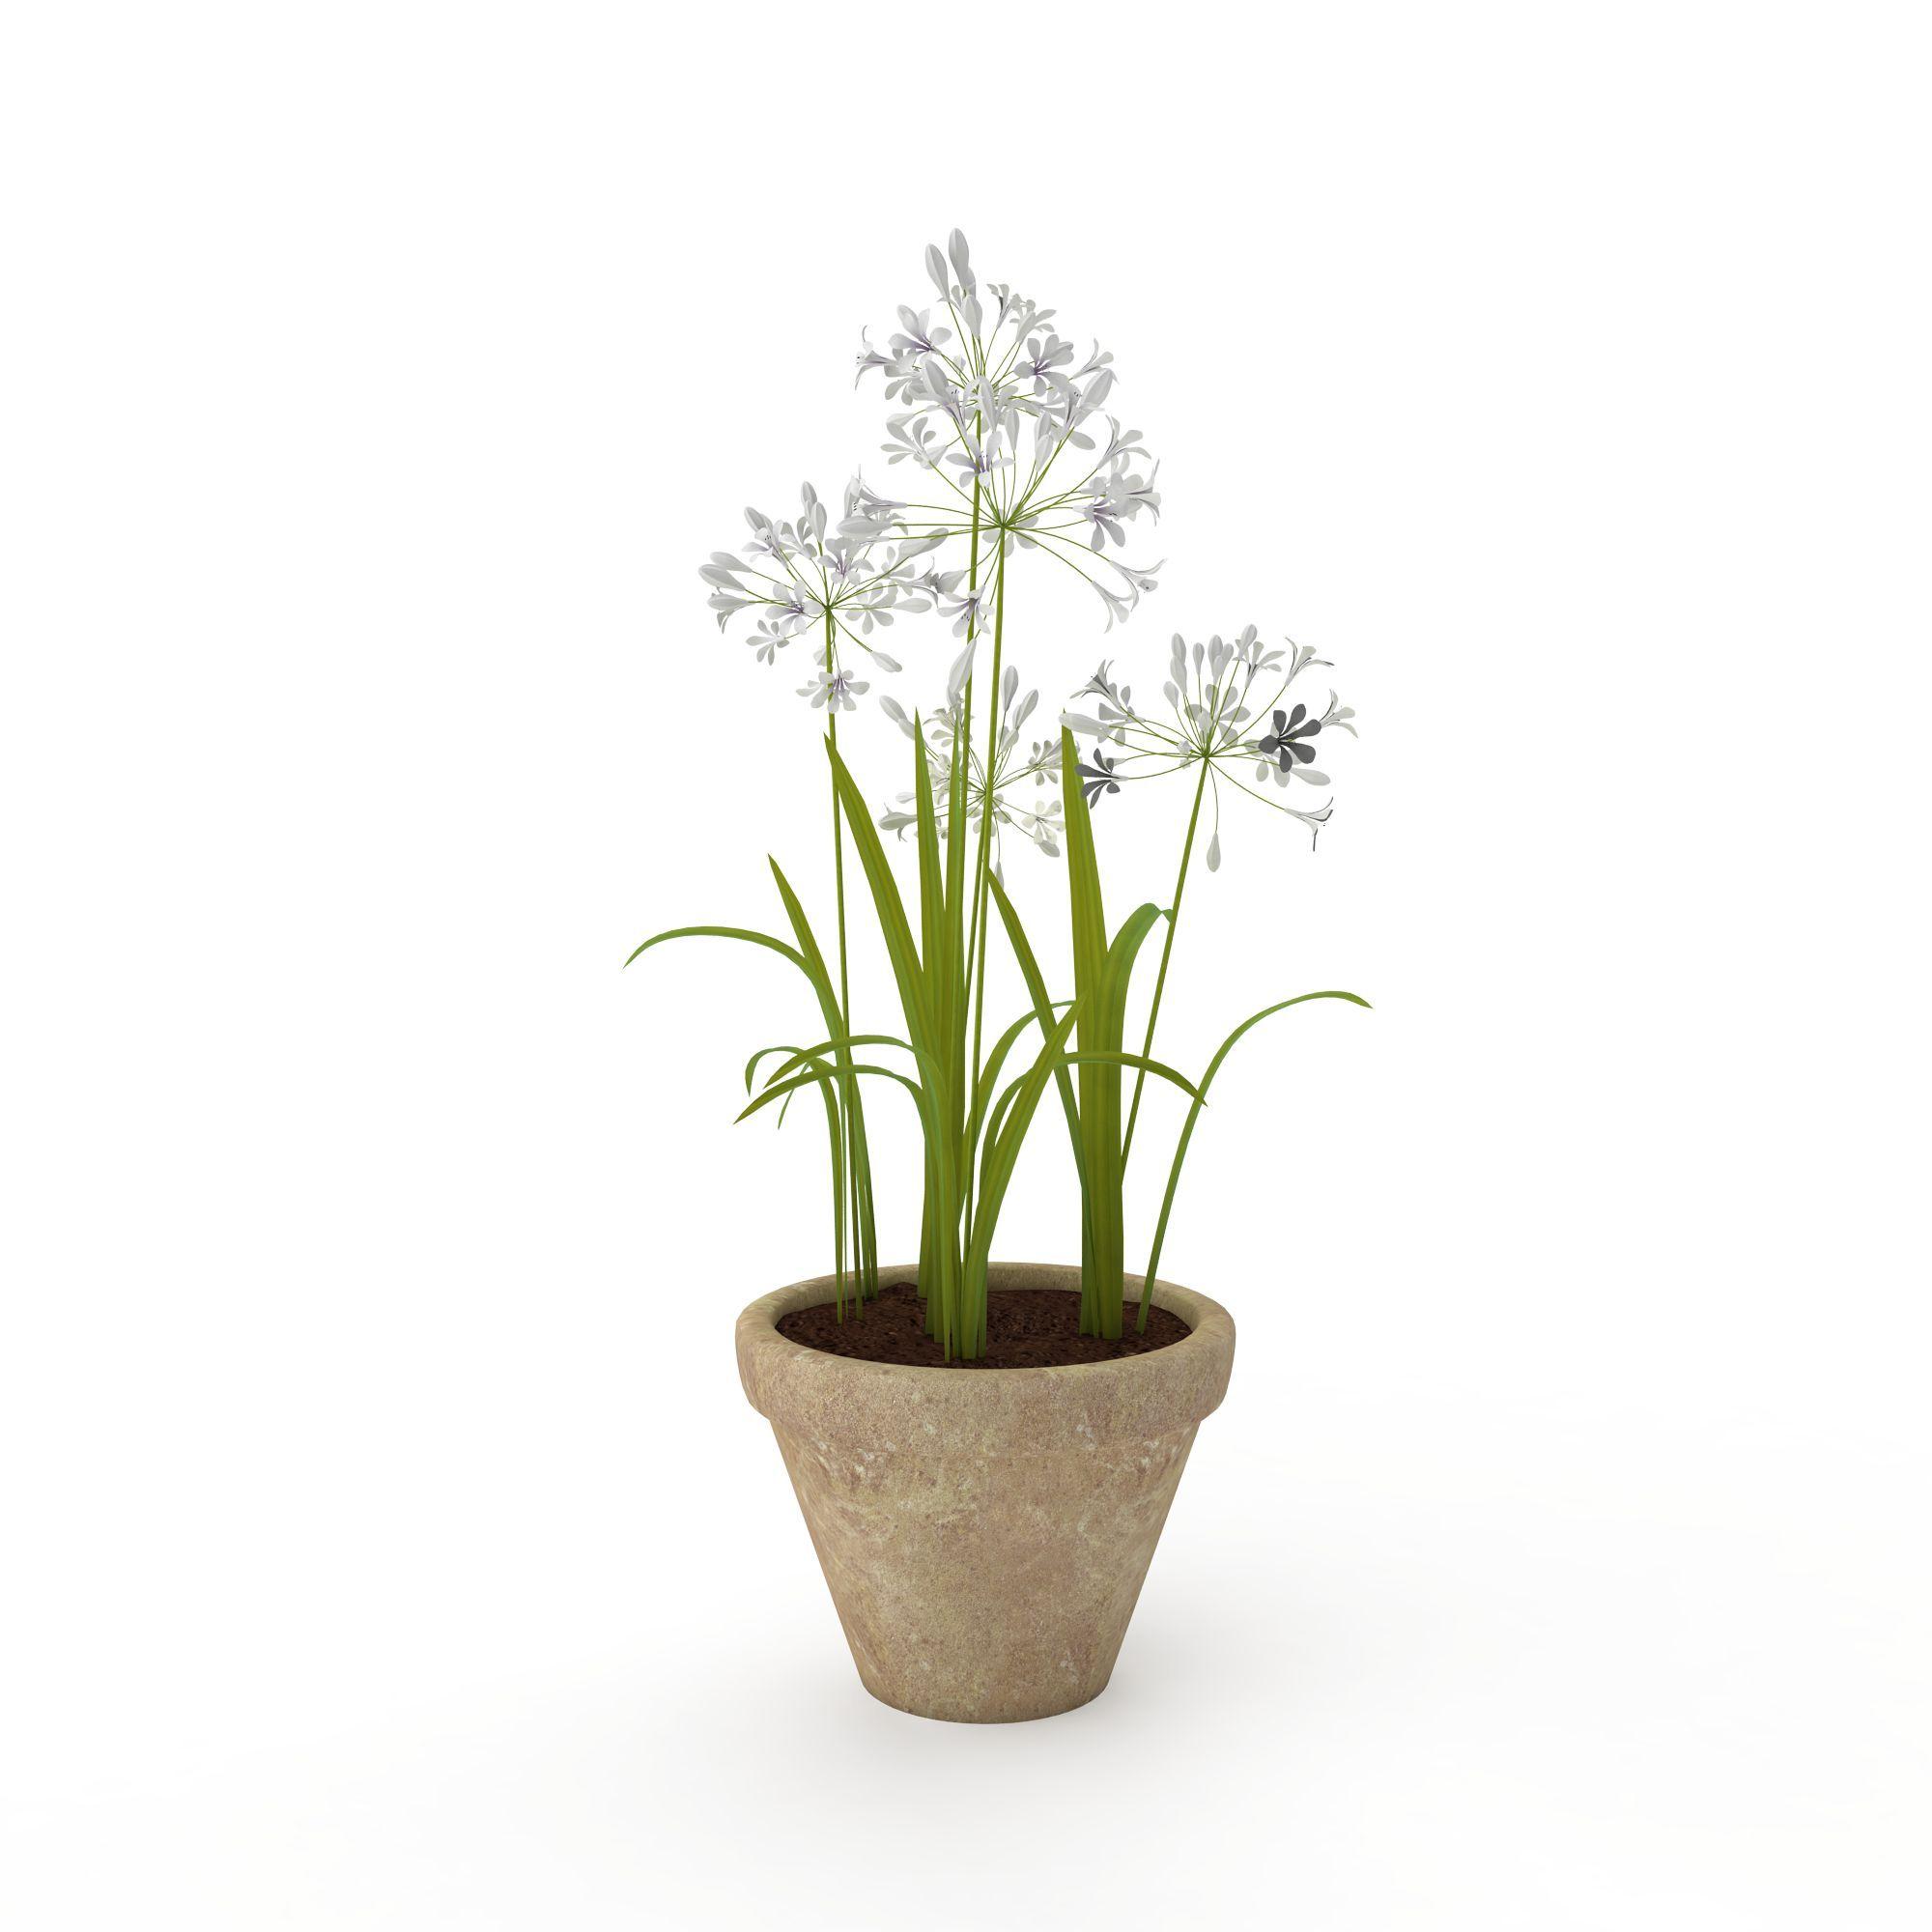 室内盆栽植物图片_室内盆栽植物png图片素材_室内盆栽